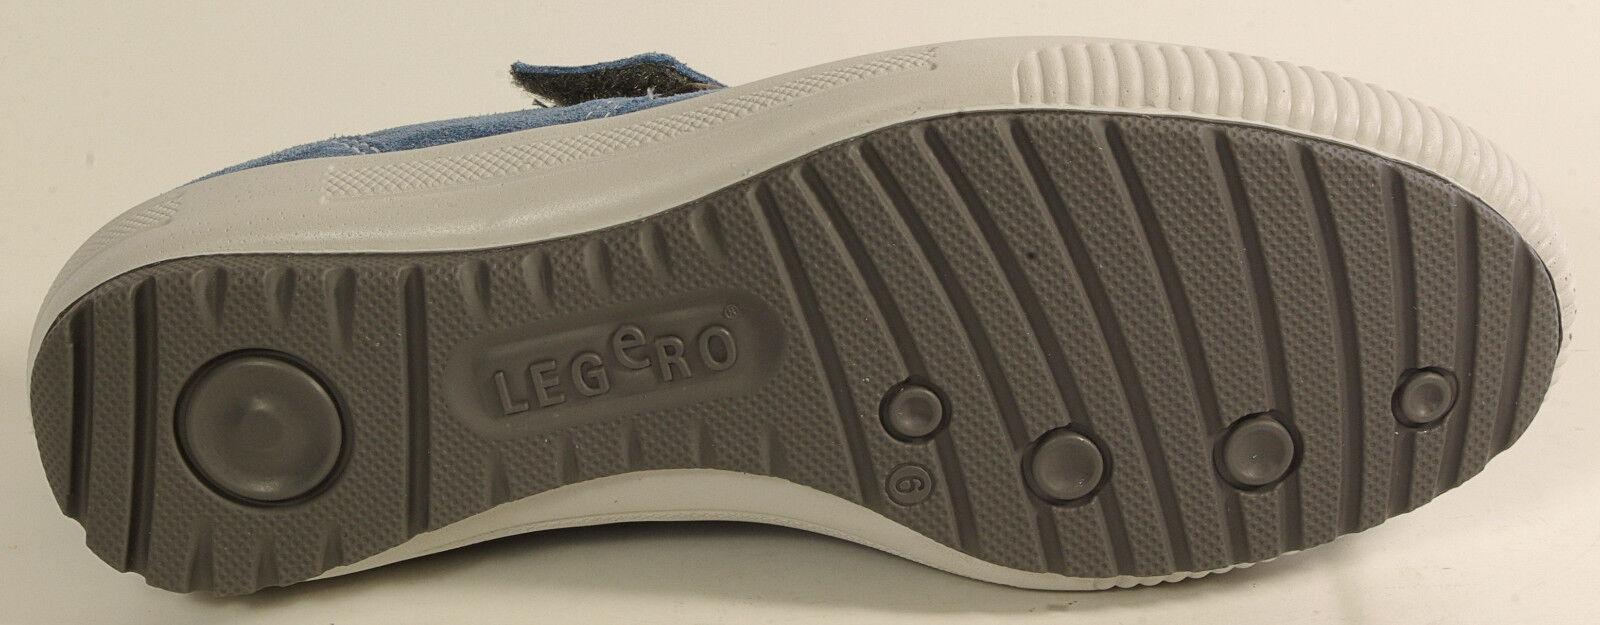 Legero zapatos bailarinas Mary Jane mocasines cuero auténtico azul cambio cambio cambio plantilla nuevo ef1a4c